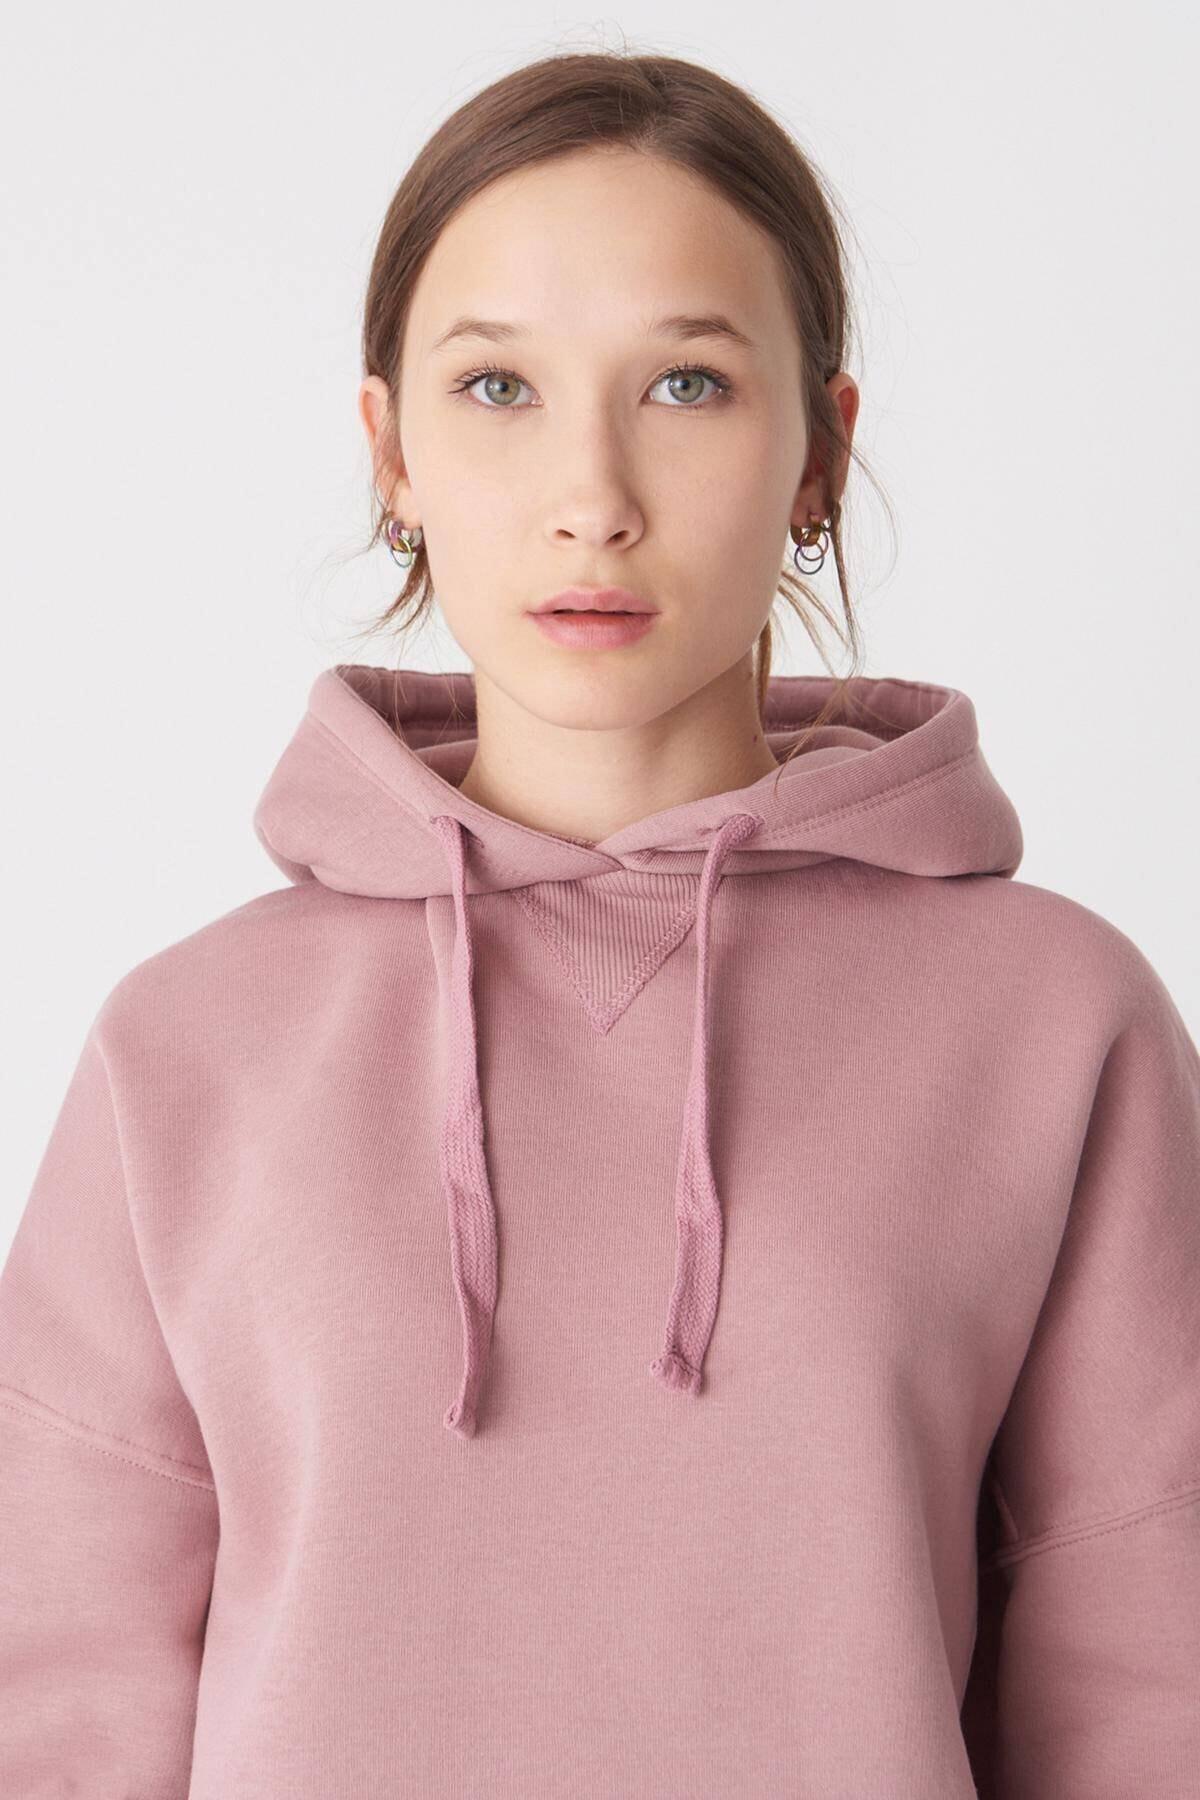 Addax Kadın Koyu Gül Kapüşonlu Sweatshirt S0519 - H7 ADX-0000014040 1